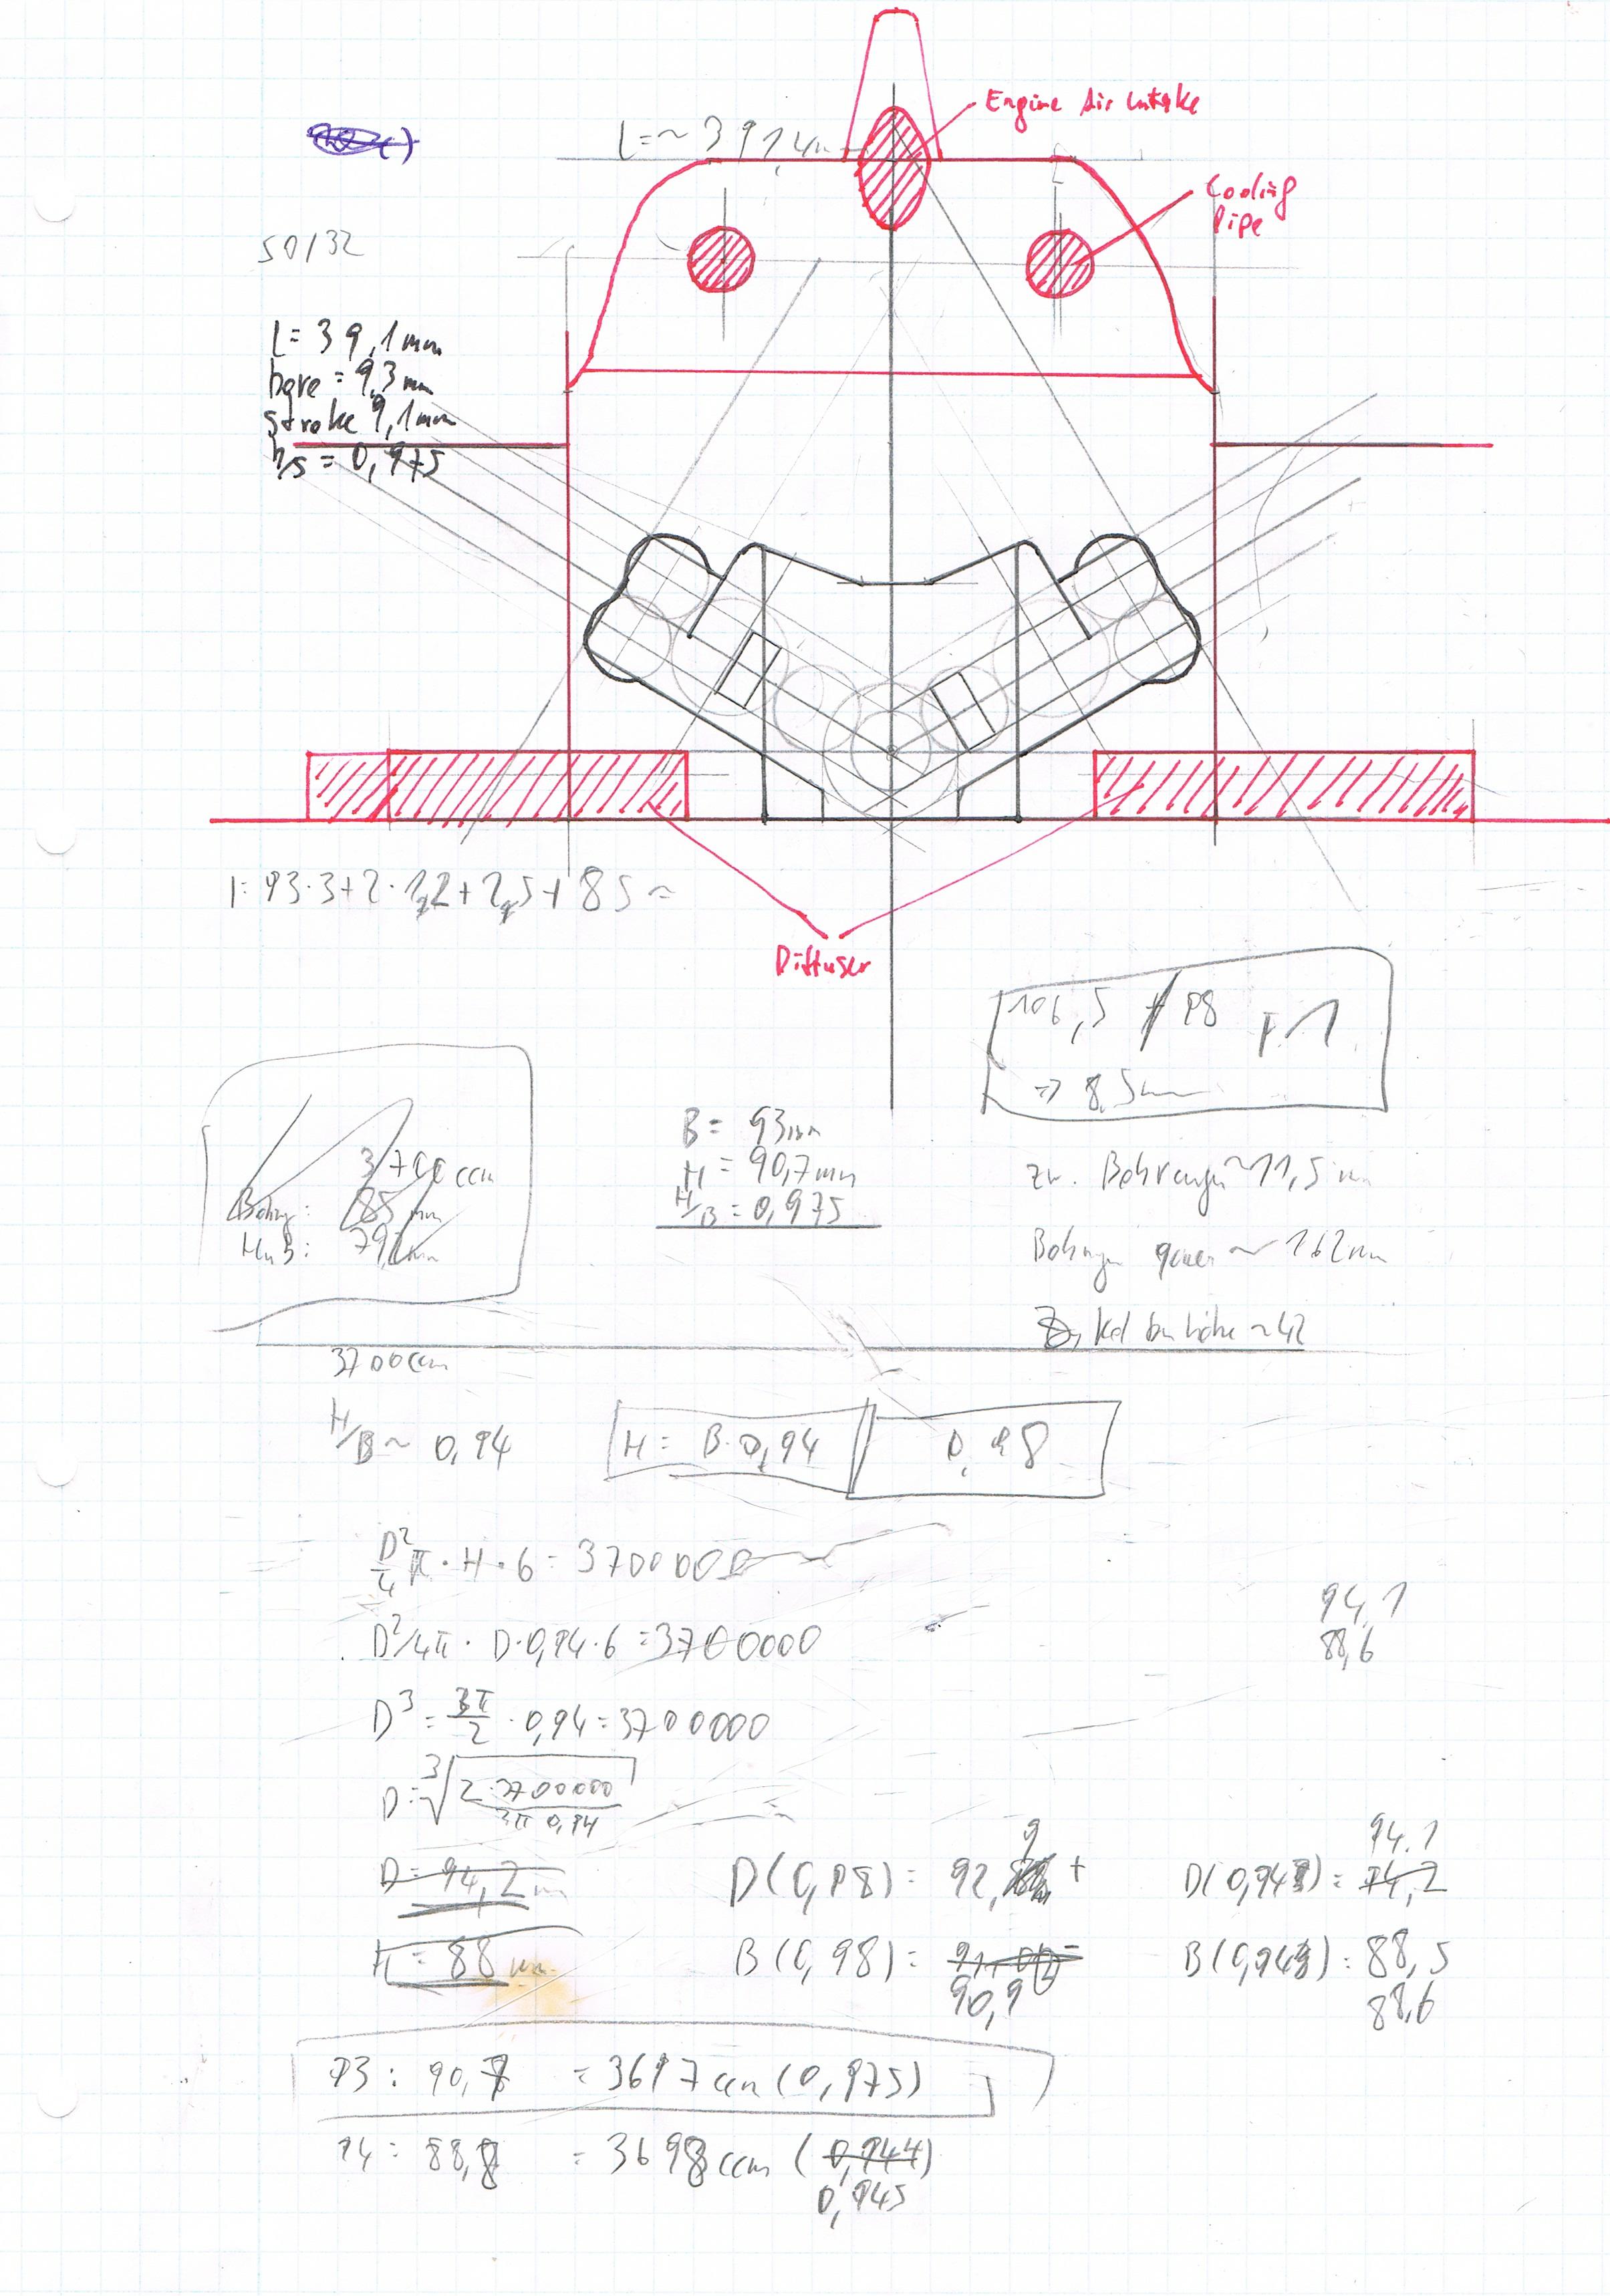 A Paperboard Audi R18 Tdi